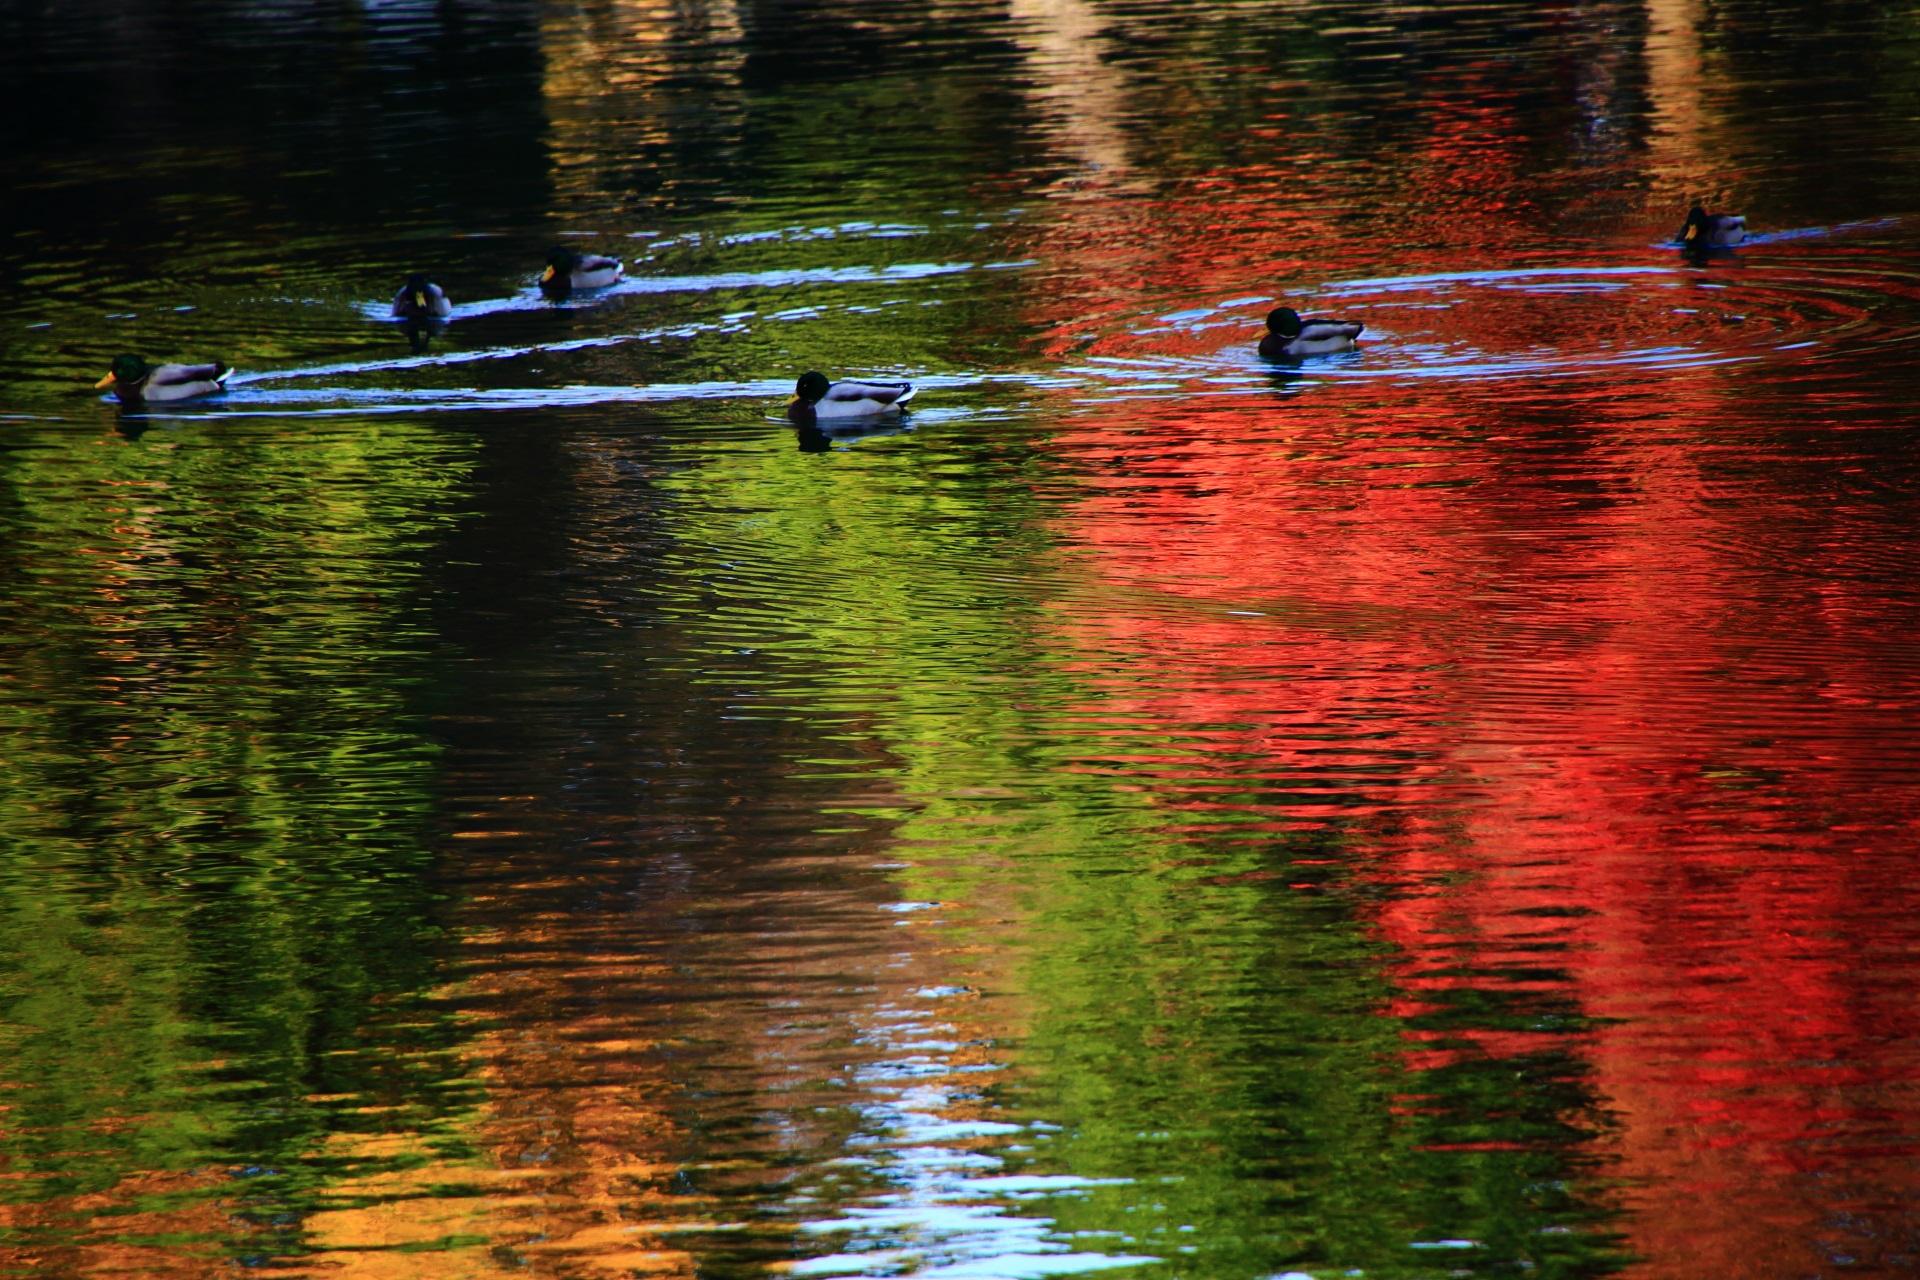 二条城の煌びやかな水鏡の上を泳ぐ鴨さんたち